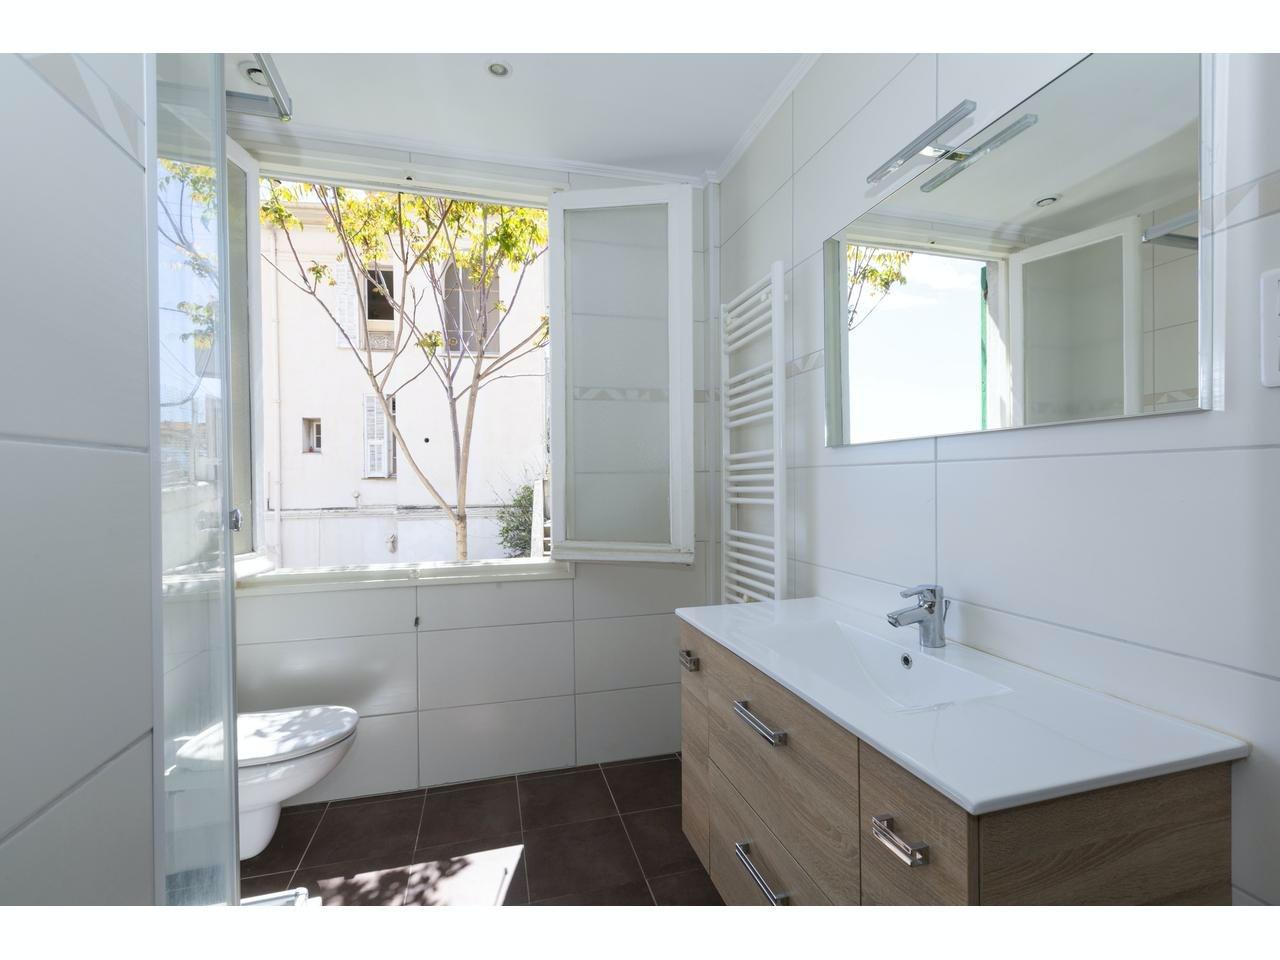 Lägenhet med stor terrass i Villefranche-sur-mer med havsutsikt nära allt